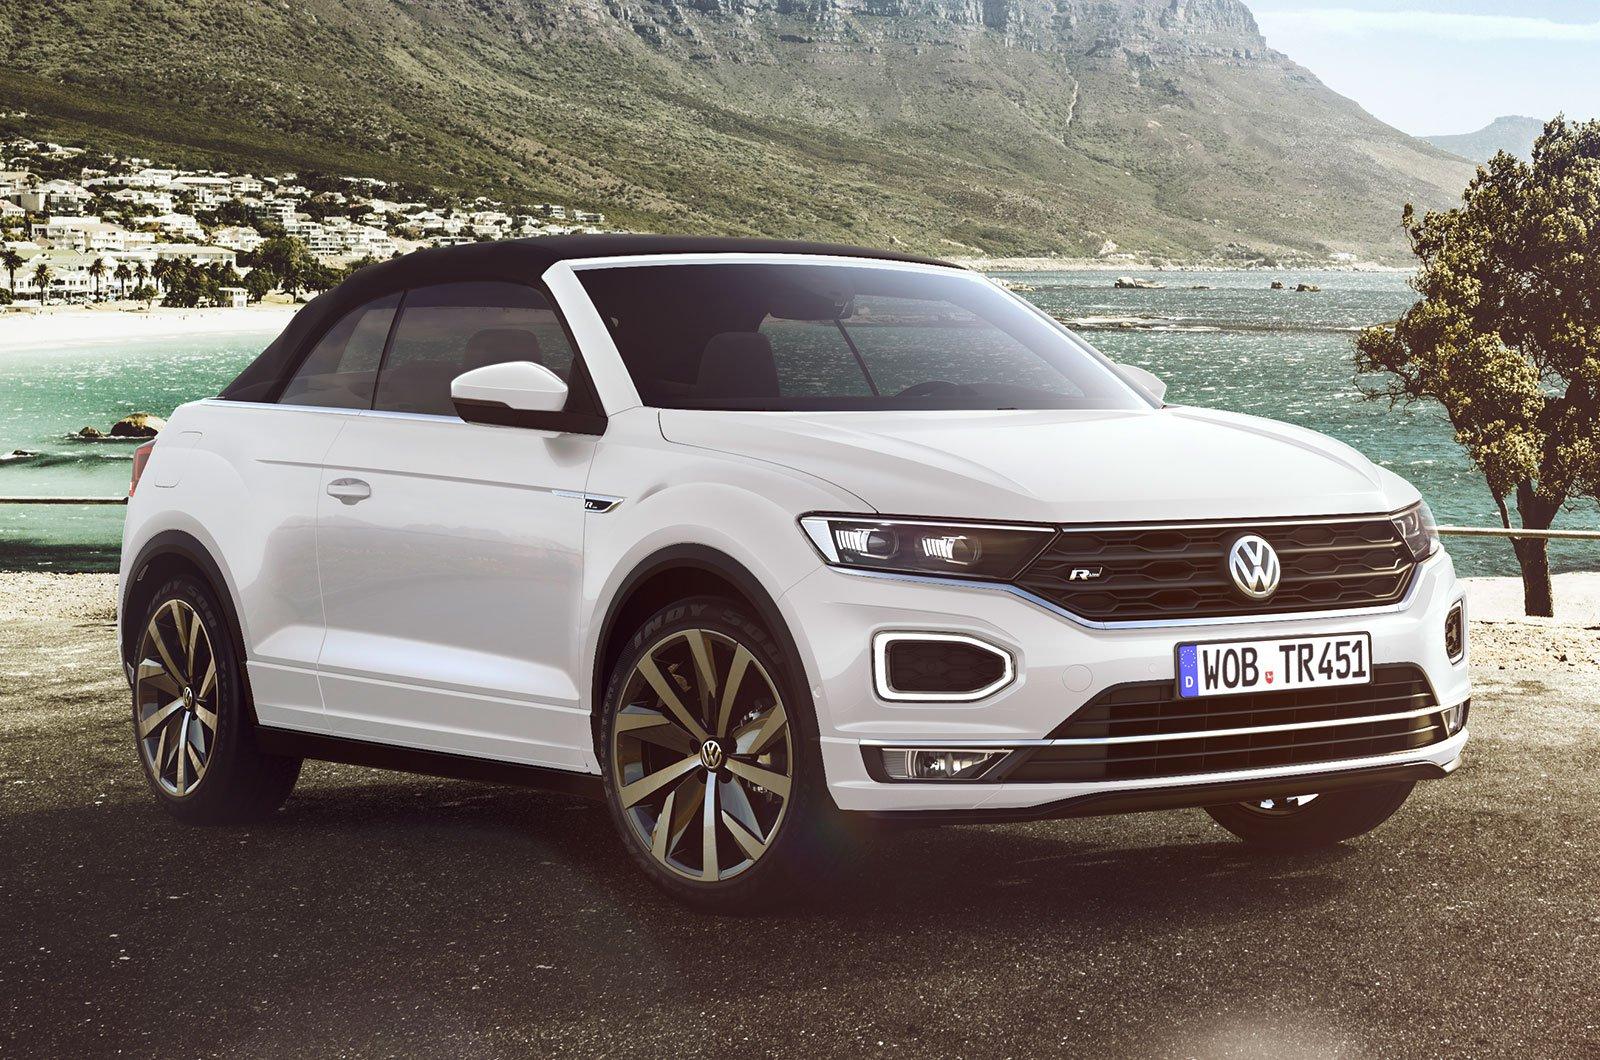 Volkswagen T-Roc Convertible front